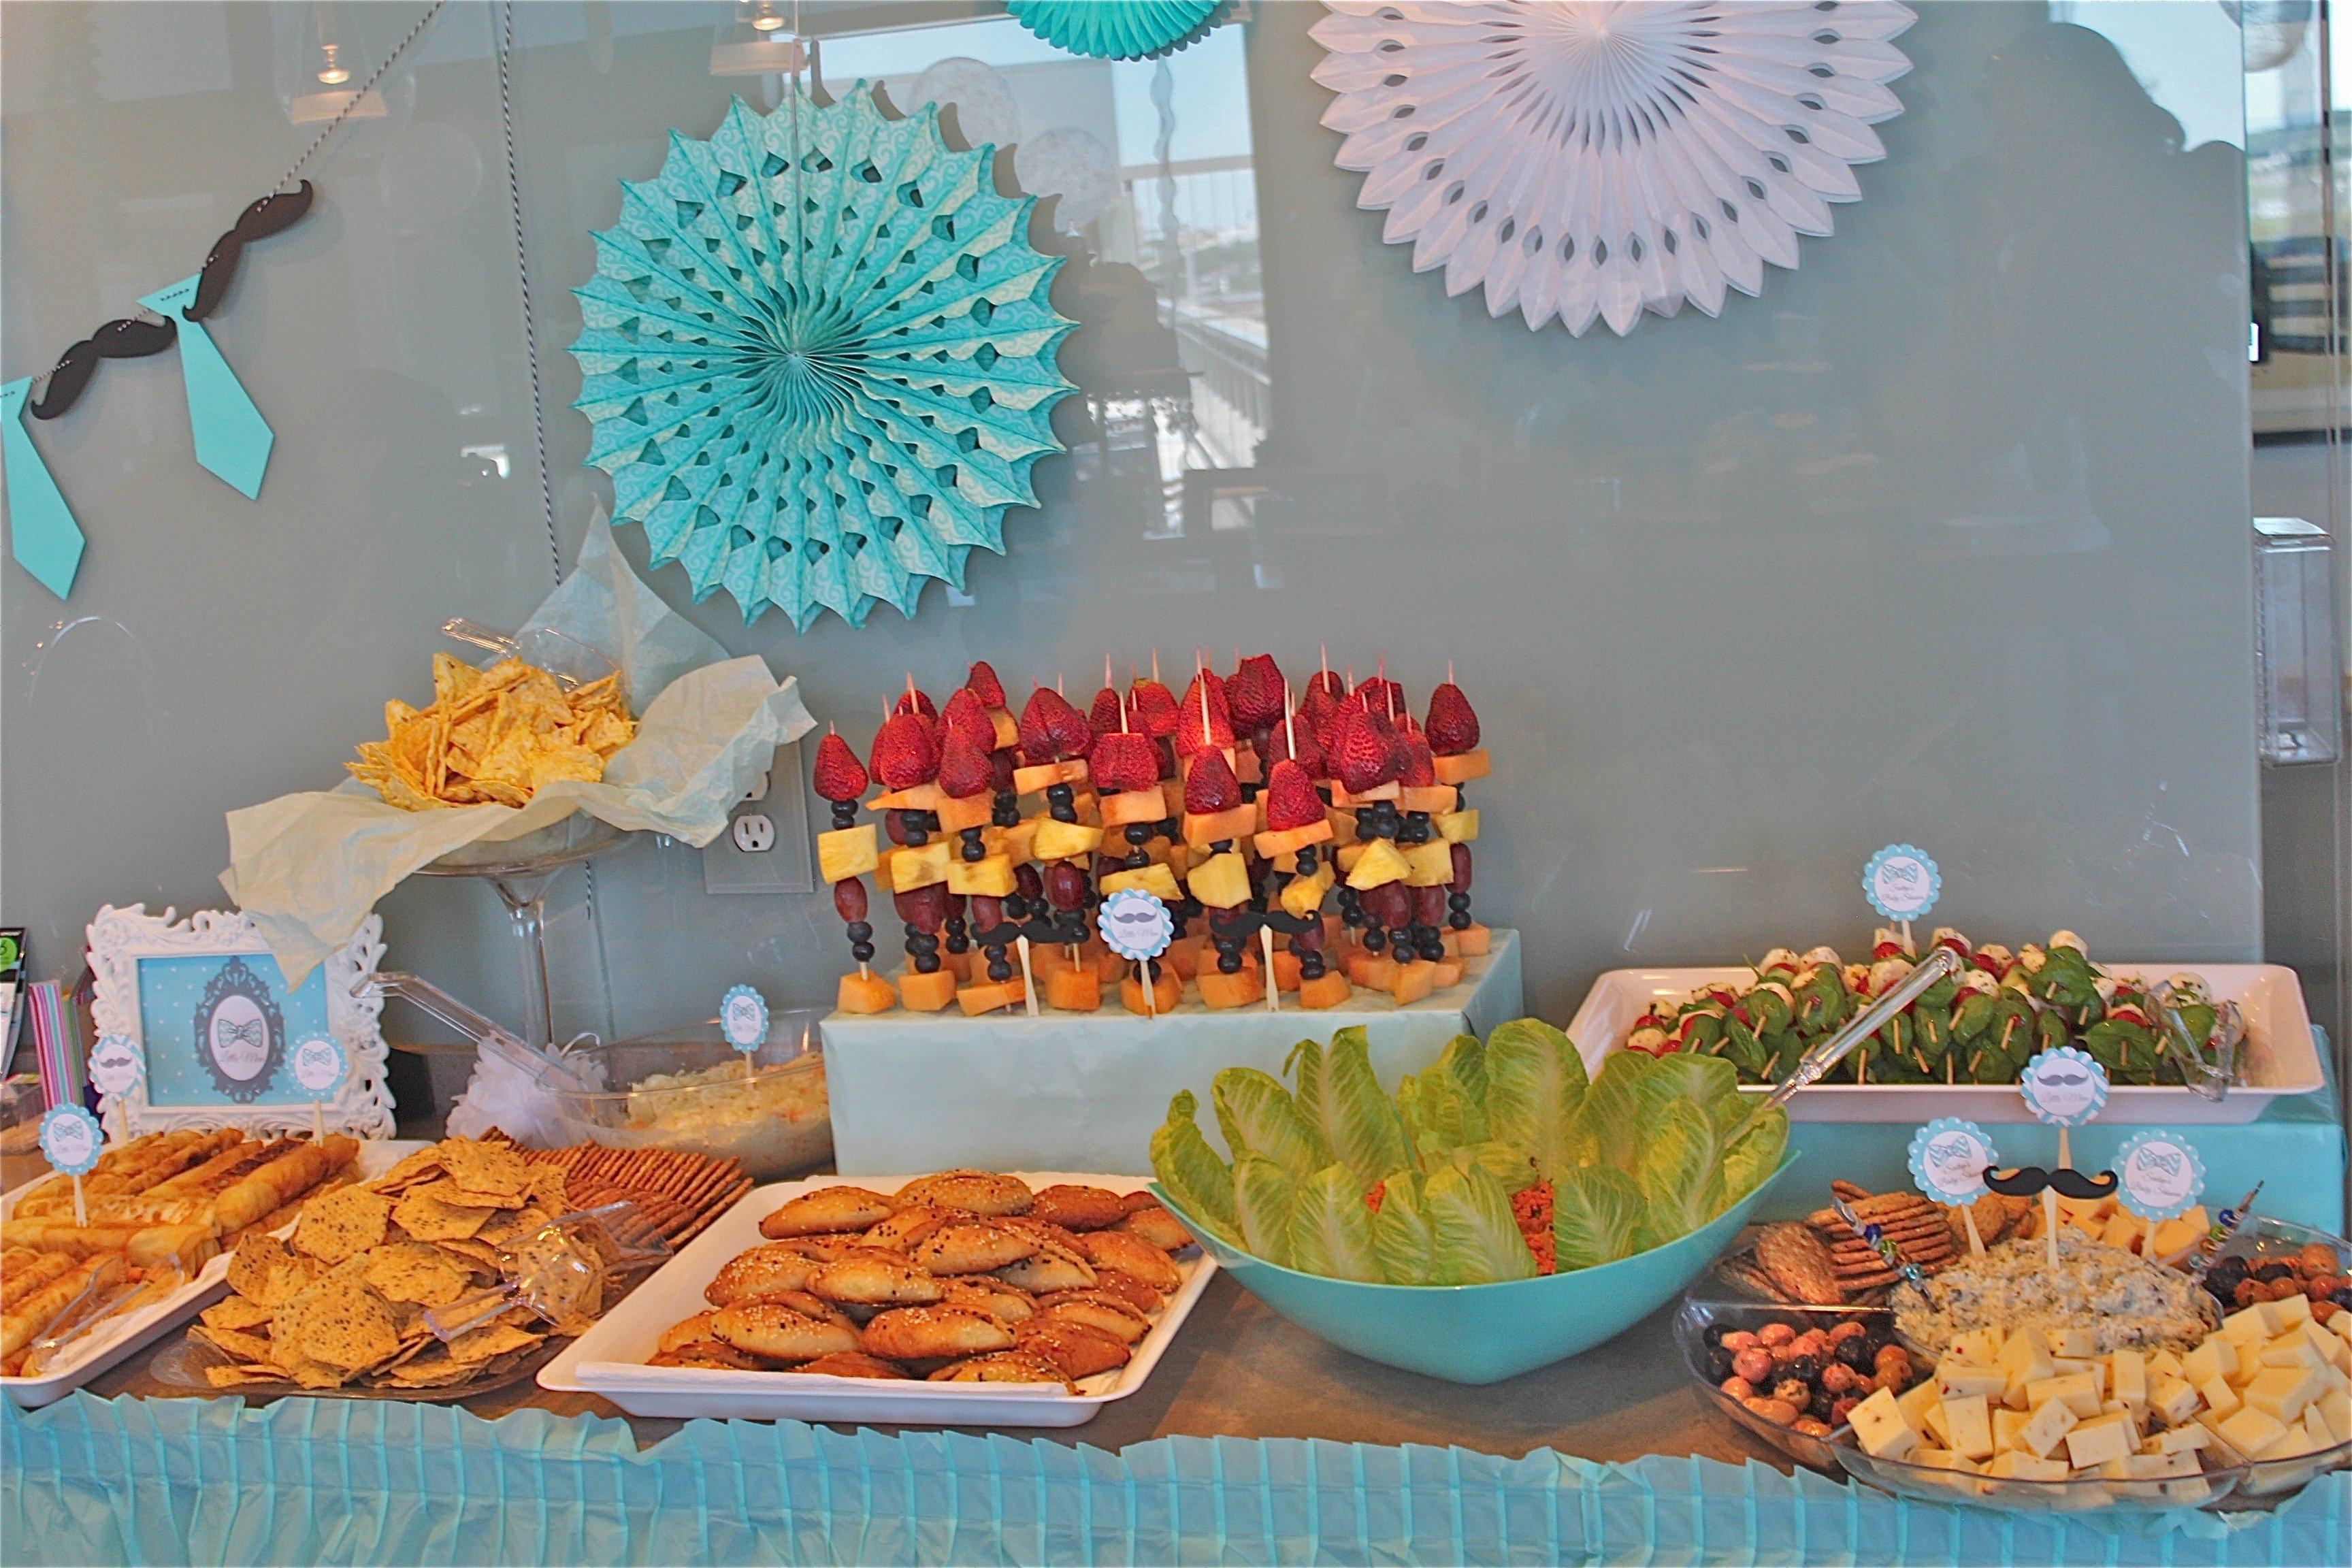 10 Attractive Unique Baby Shower Food Ideas baby shower food ideas boy omega center ideas for baby 2020